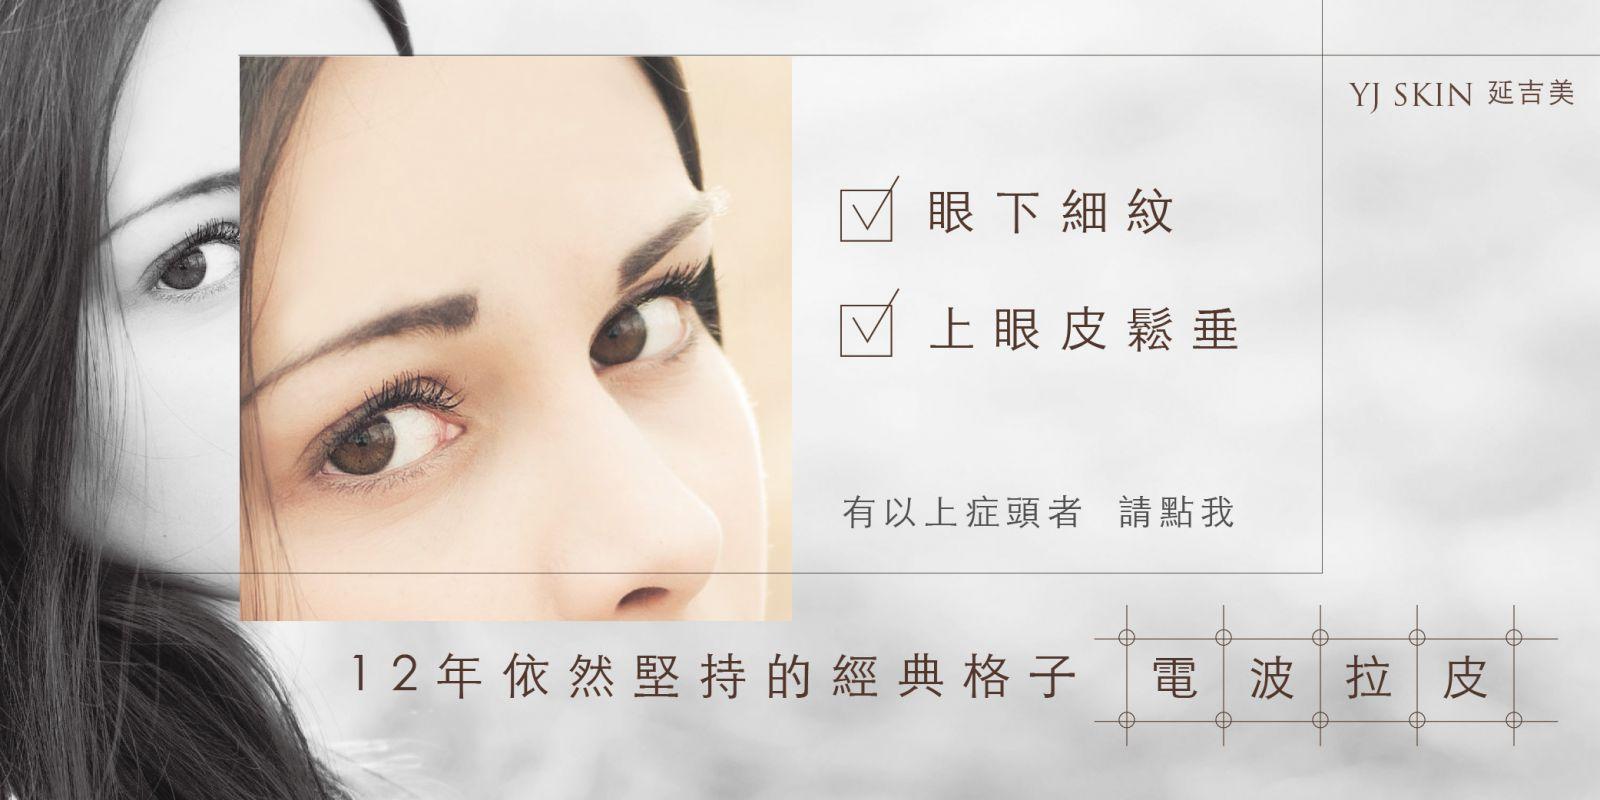 眼下細紋,眼皮鬆垂以上症狀歡迎諮詢。